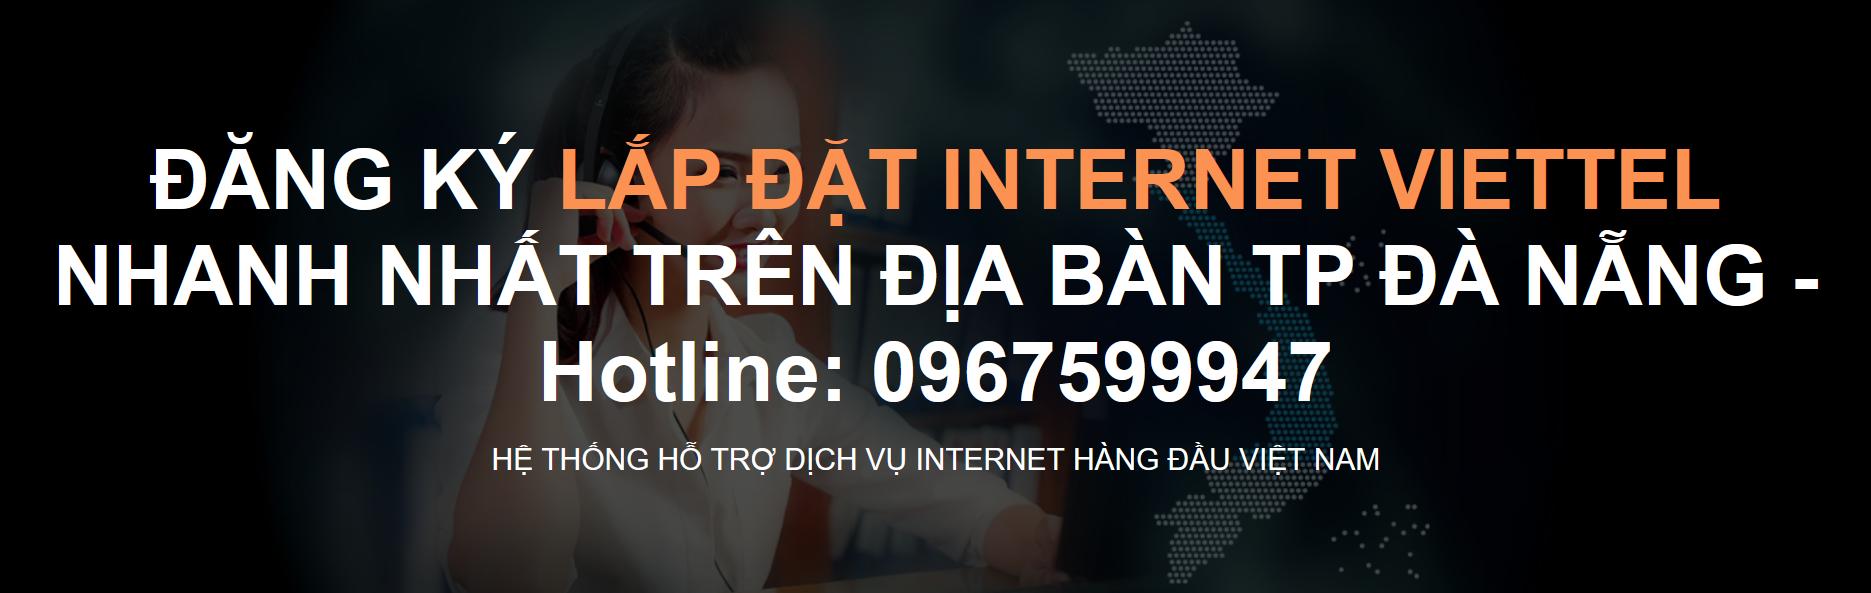 Lắp đặt internet Viettel Đà Nẵng